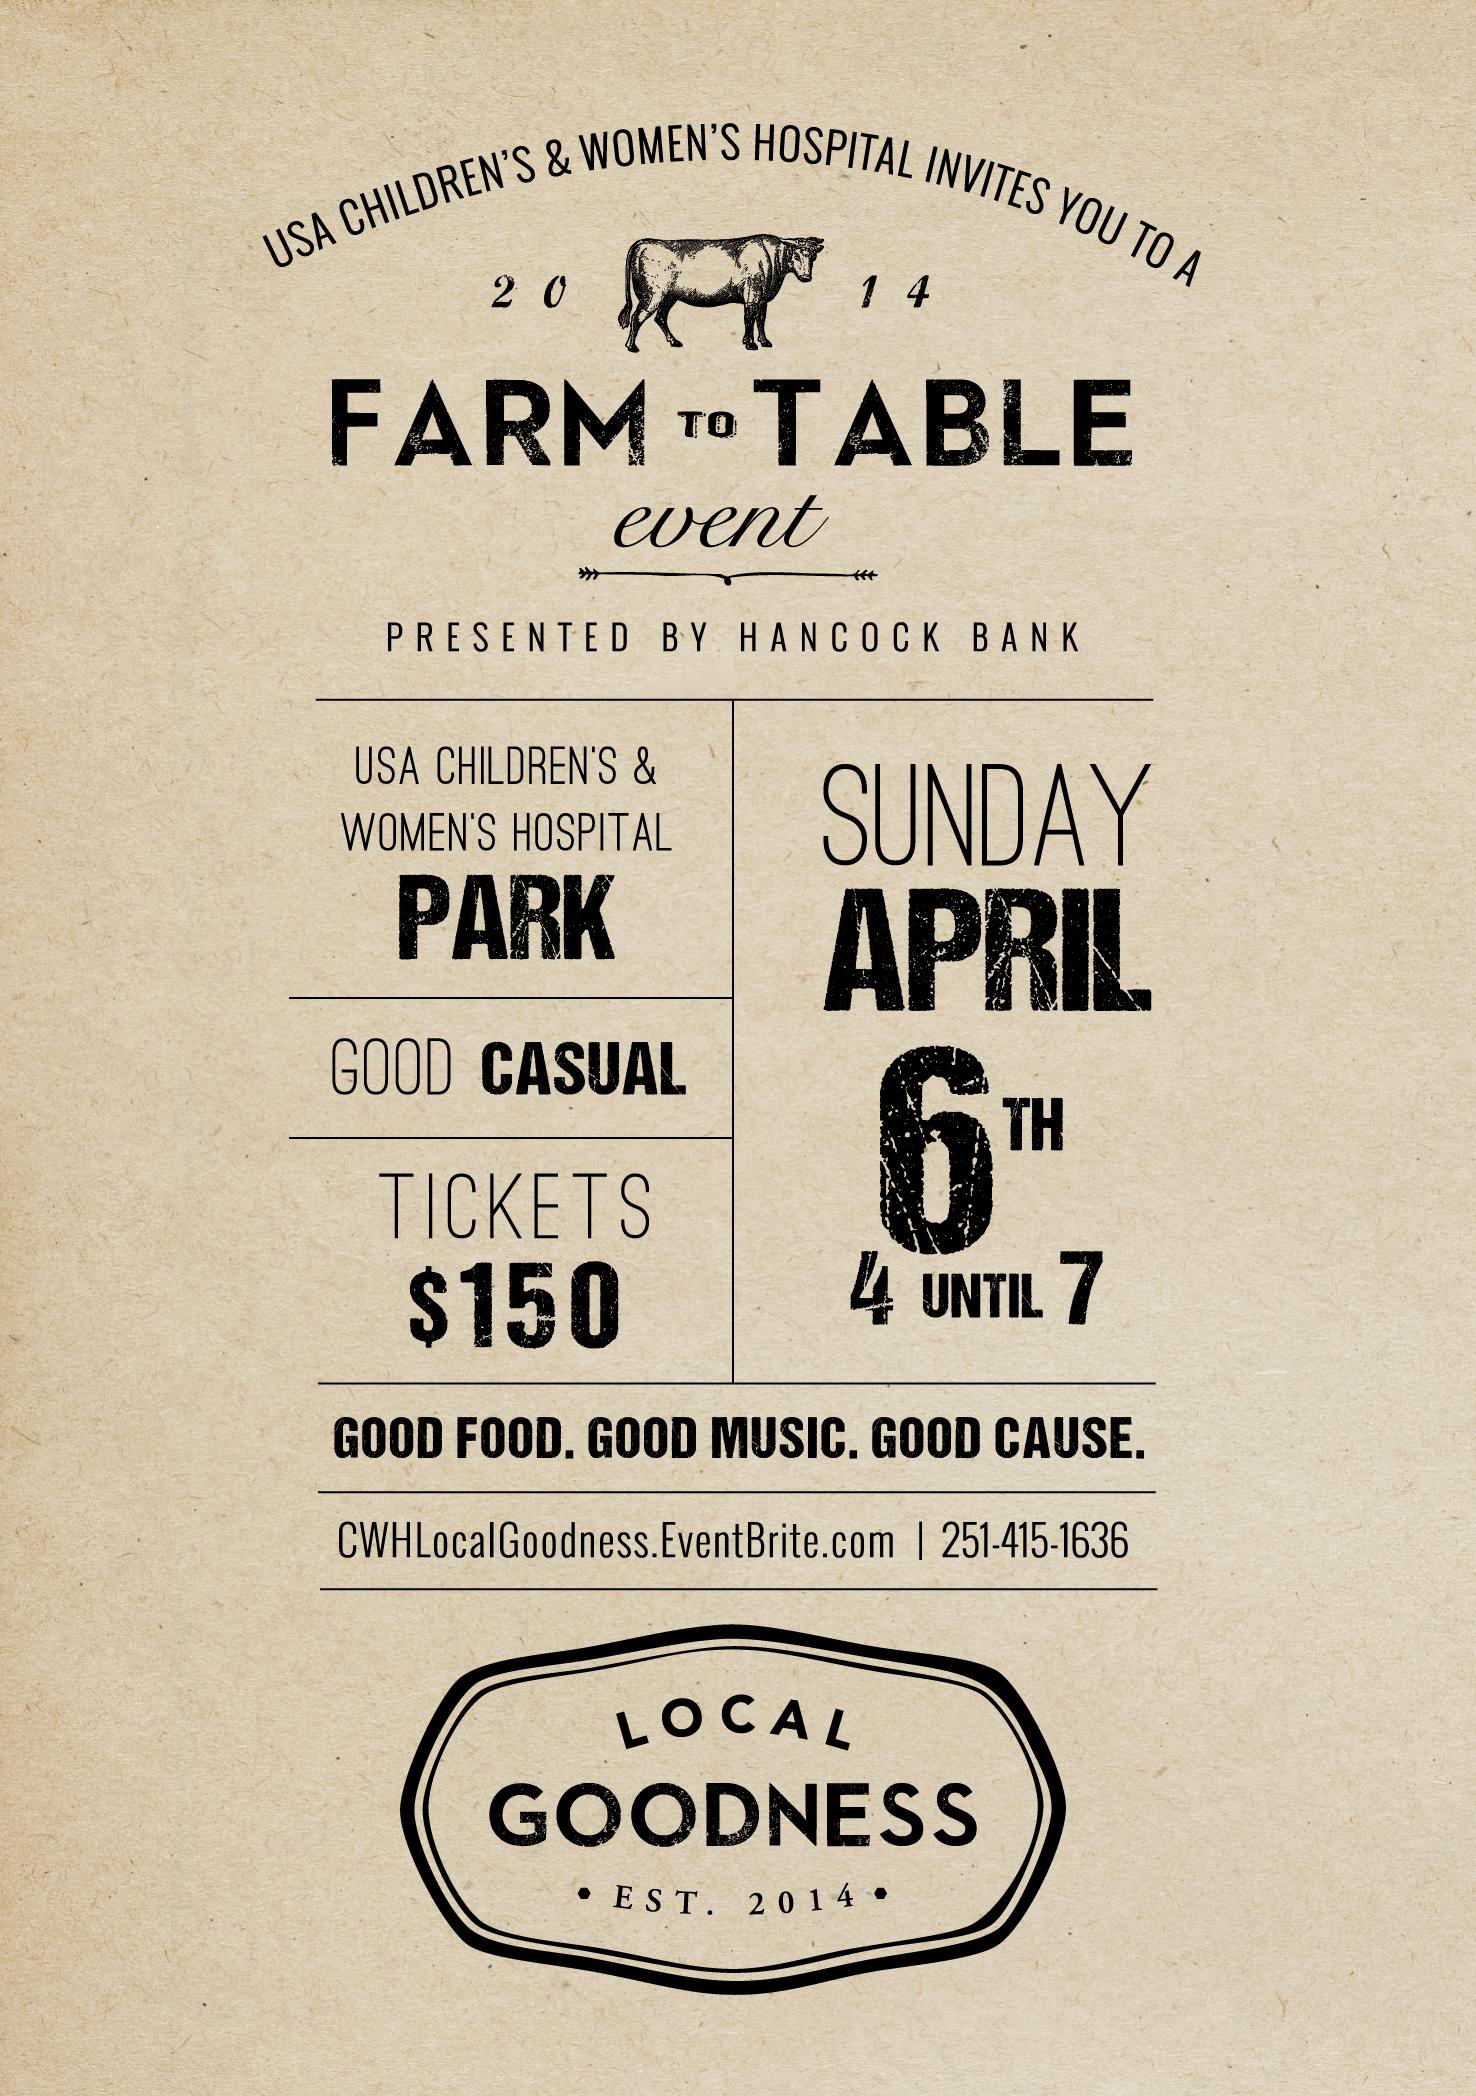 LG_FarmtoTableInvite